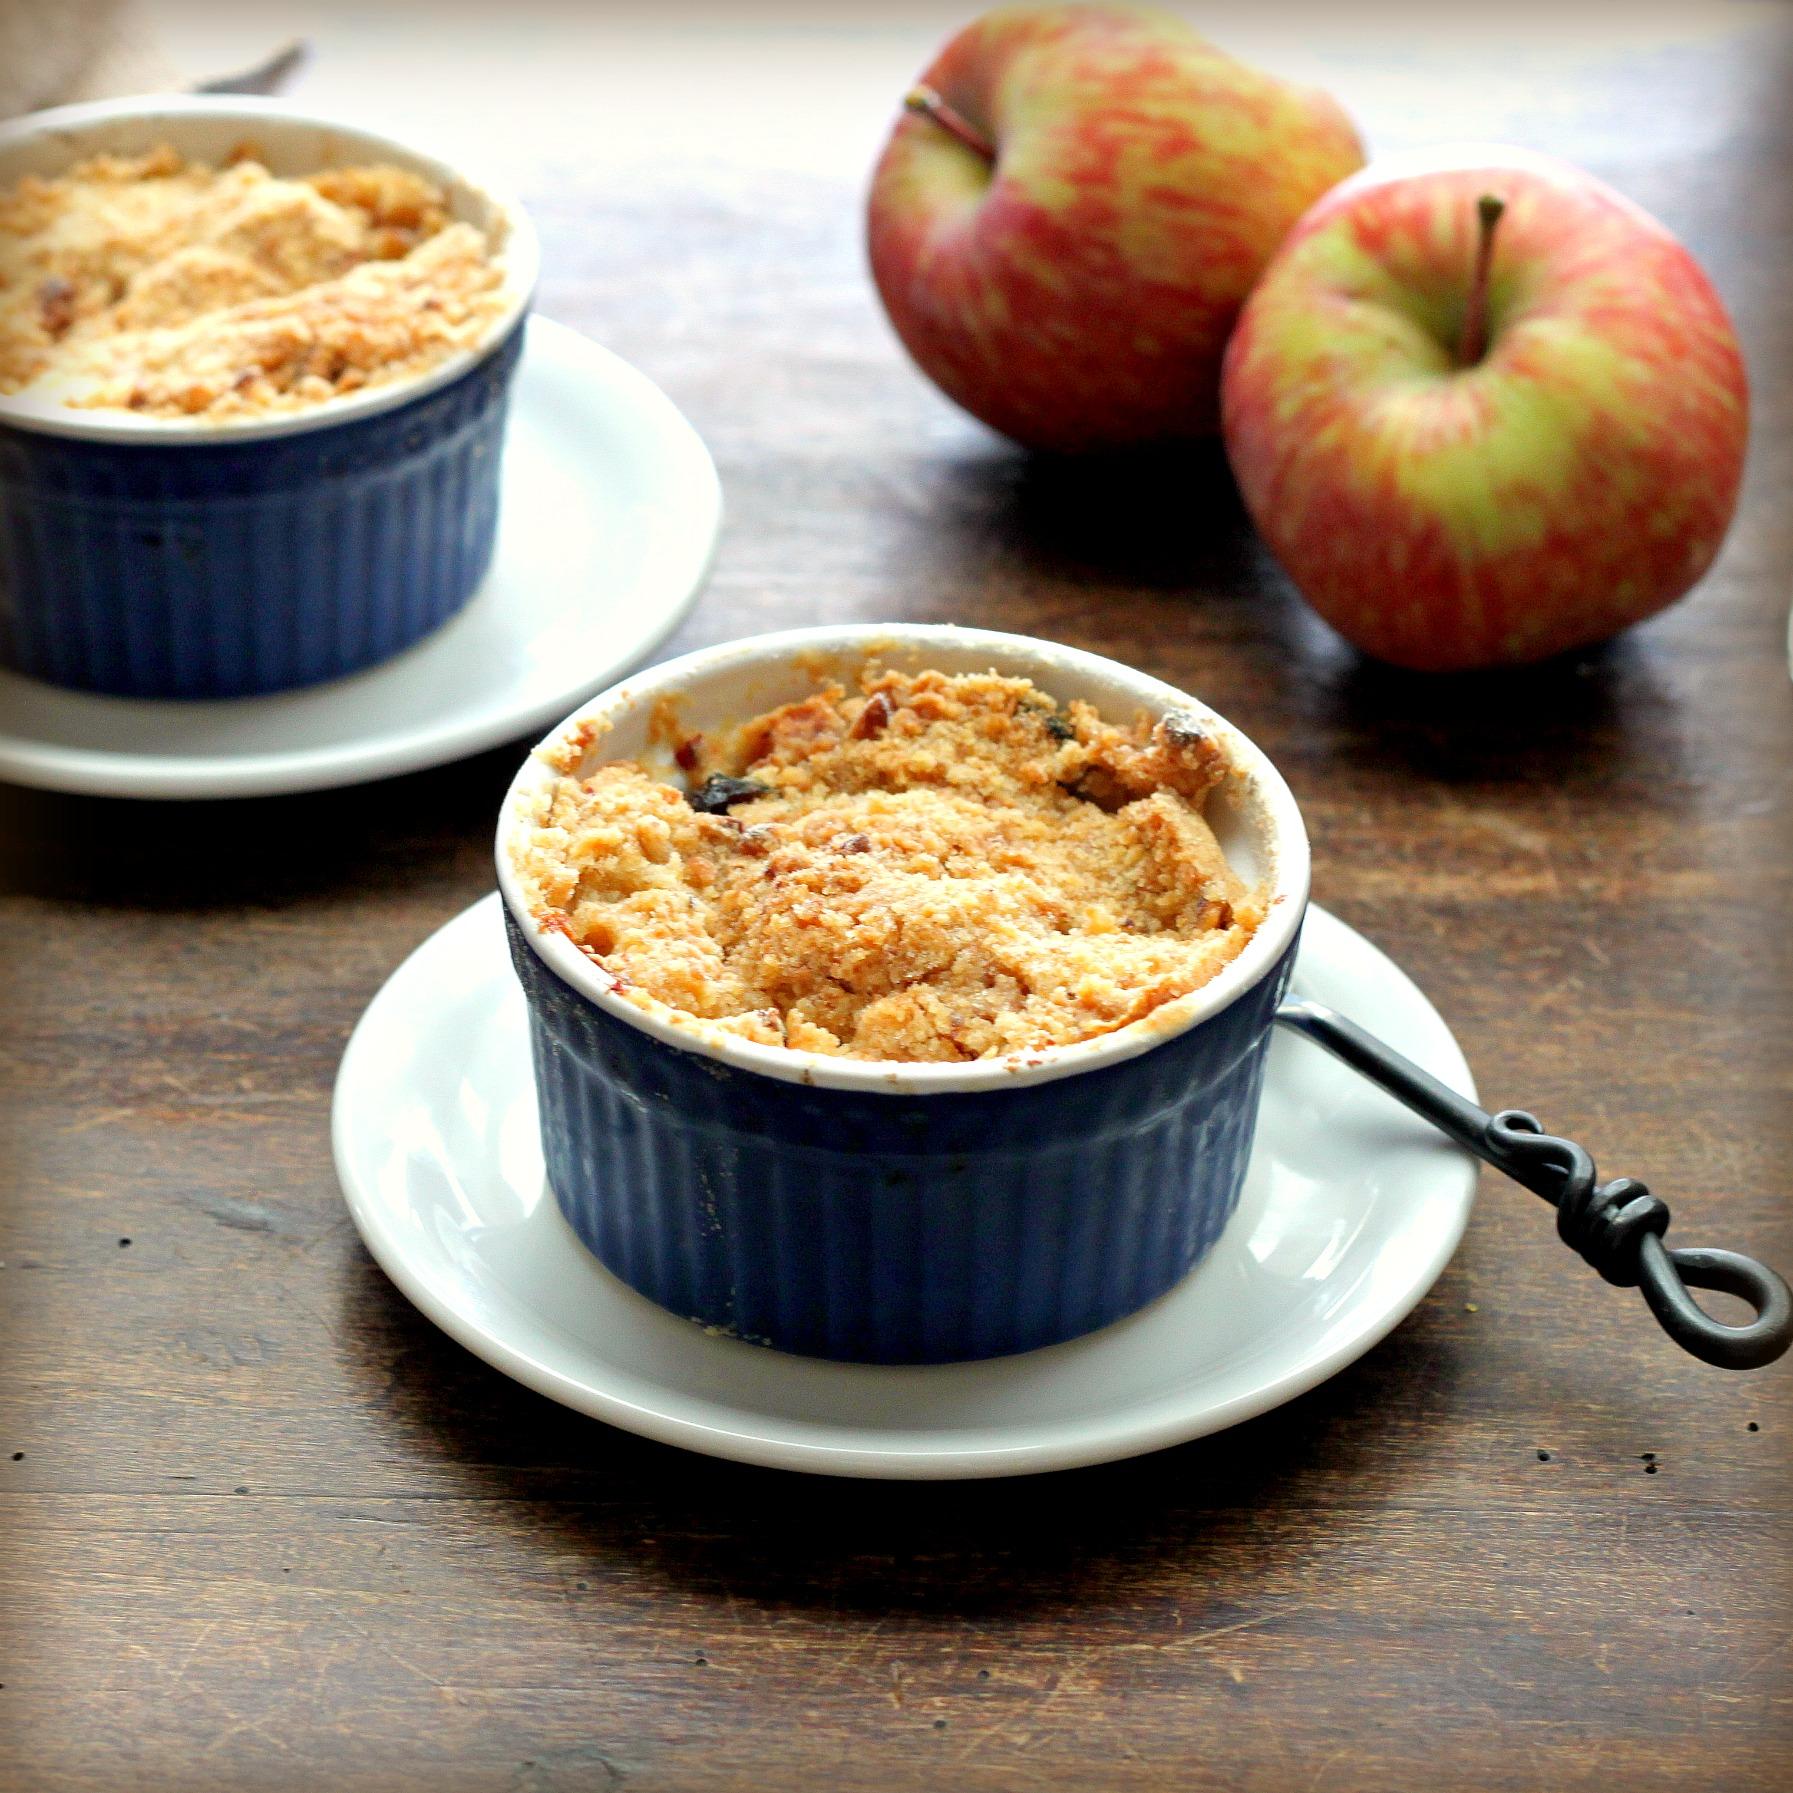 apple crisp mini apple crisp recipe apple cranberry crisp cran apple ...